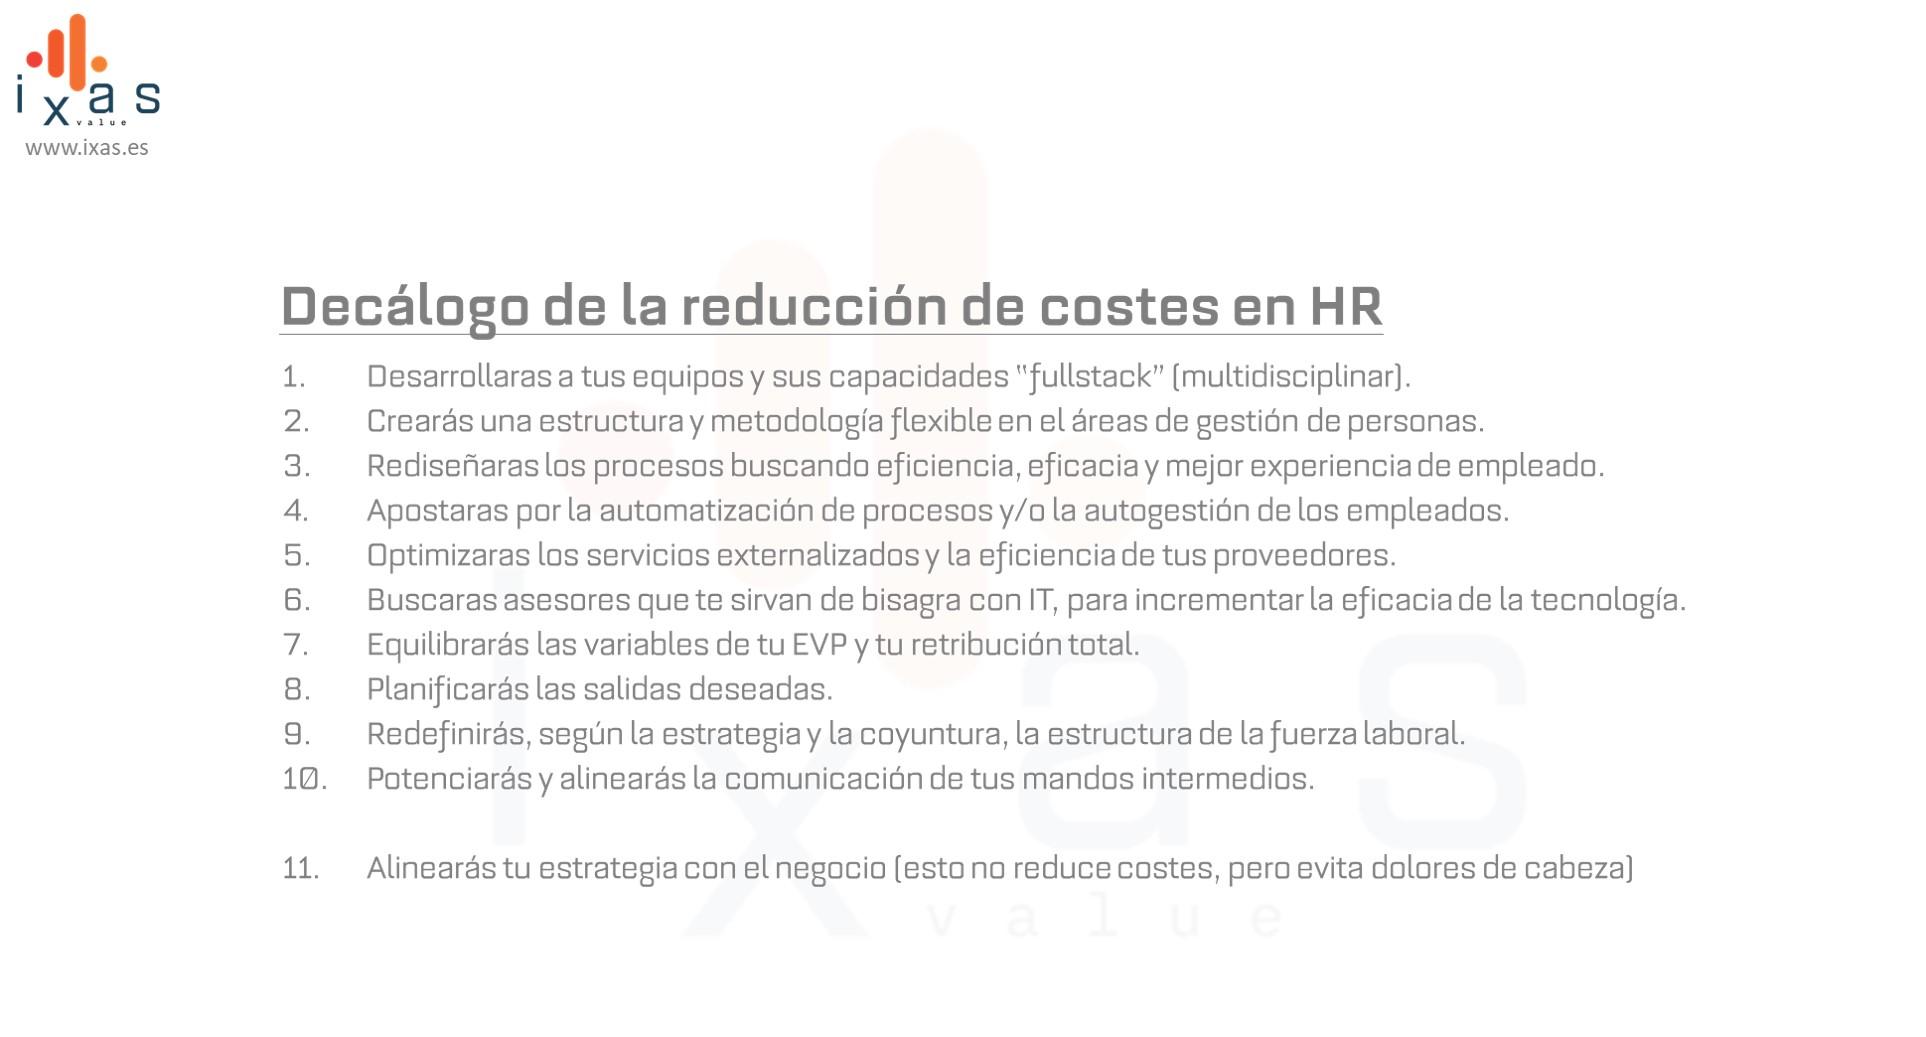 Decalogo Reduccion de Costes RRHH